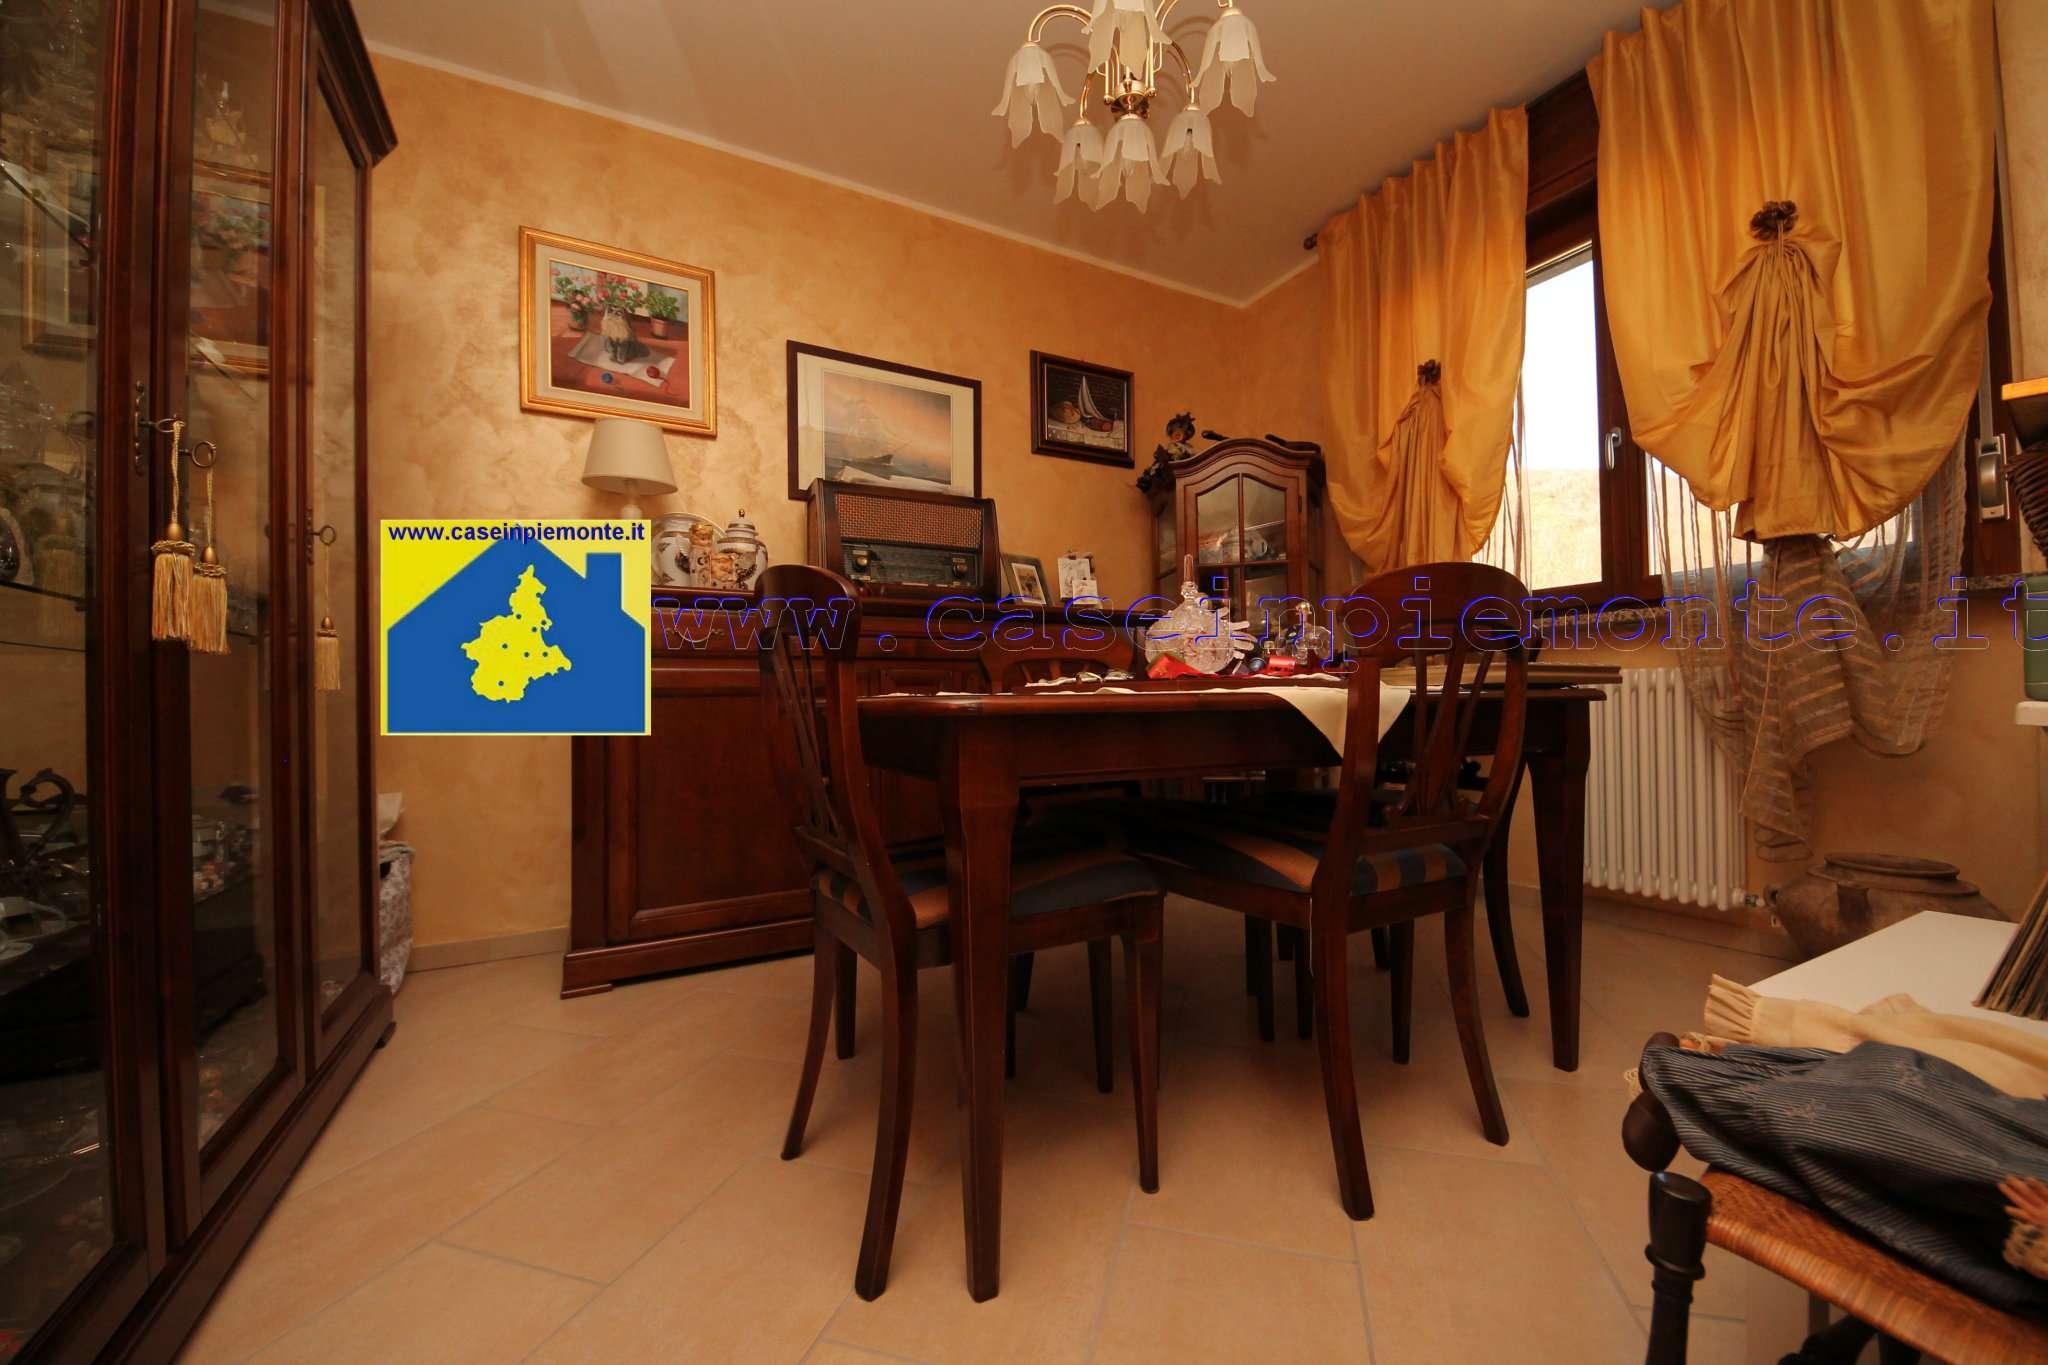 Appartamento in vendita a La Cassa, 6 locali, prezzo € 240.000 | CambioCasa.it